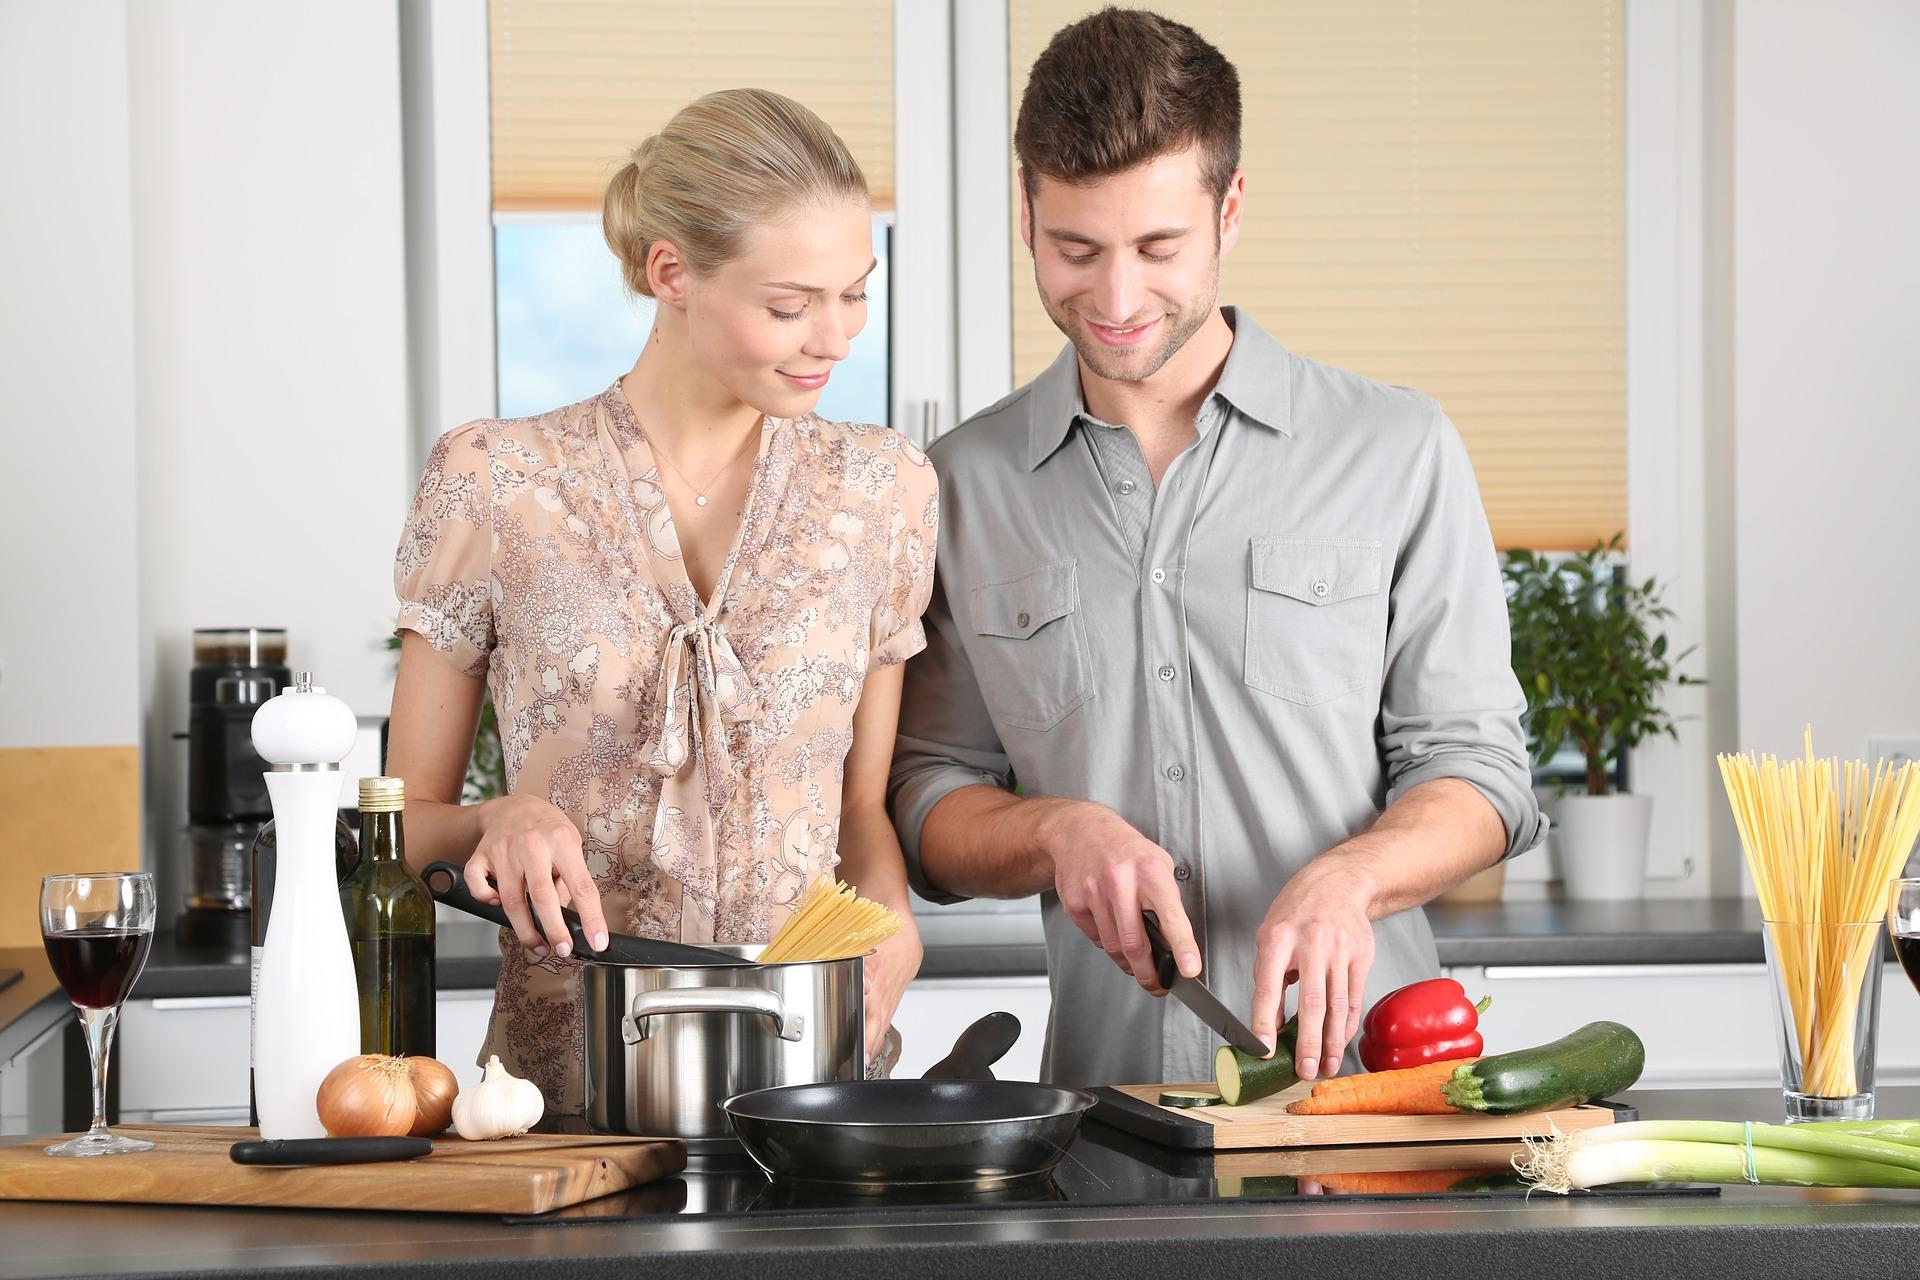 Lekker koken? Zorg dat je beschikt over goed keukengerei